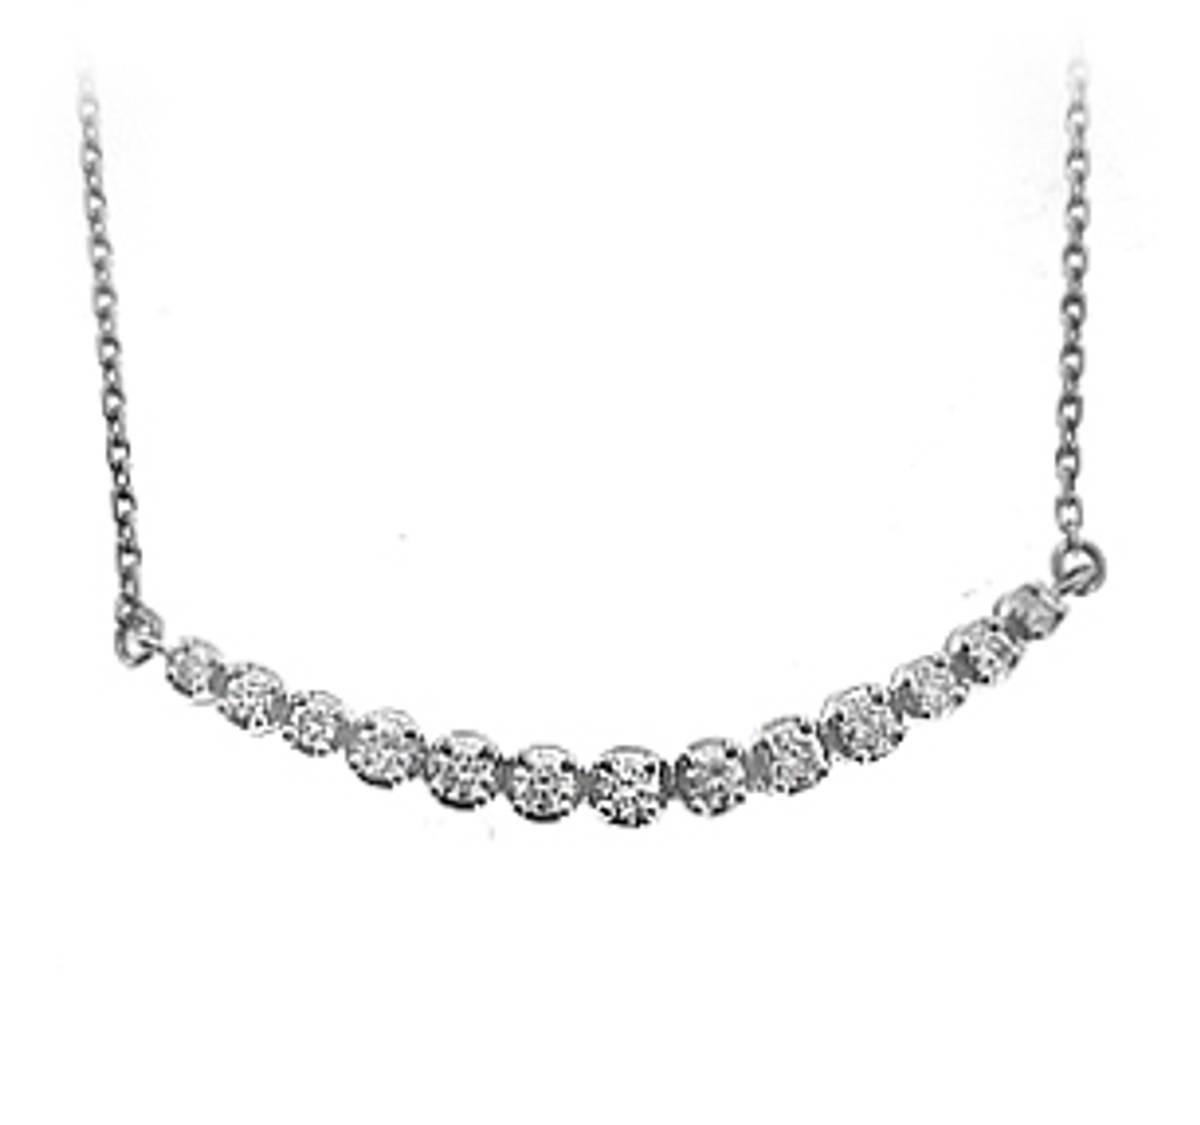 18k white gold brilliant cut diamond necklace DETAILS Carat: total diamond weight 0.60cts  Pendant length 4cm Pendant width 0.8cm Drop 19cm